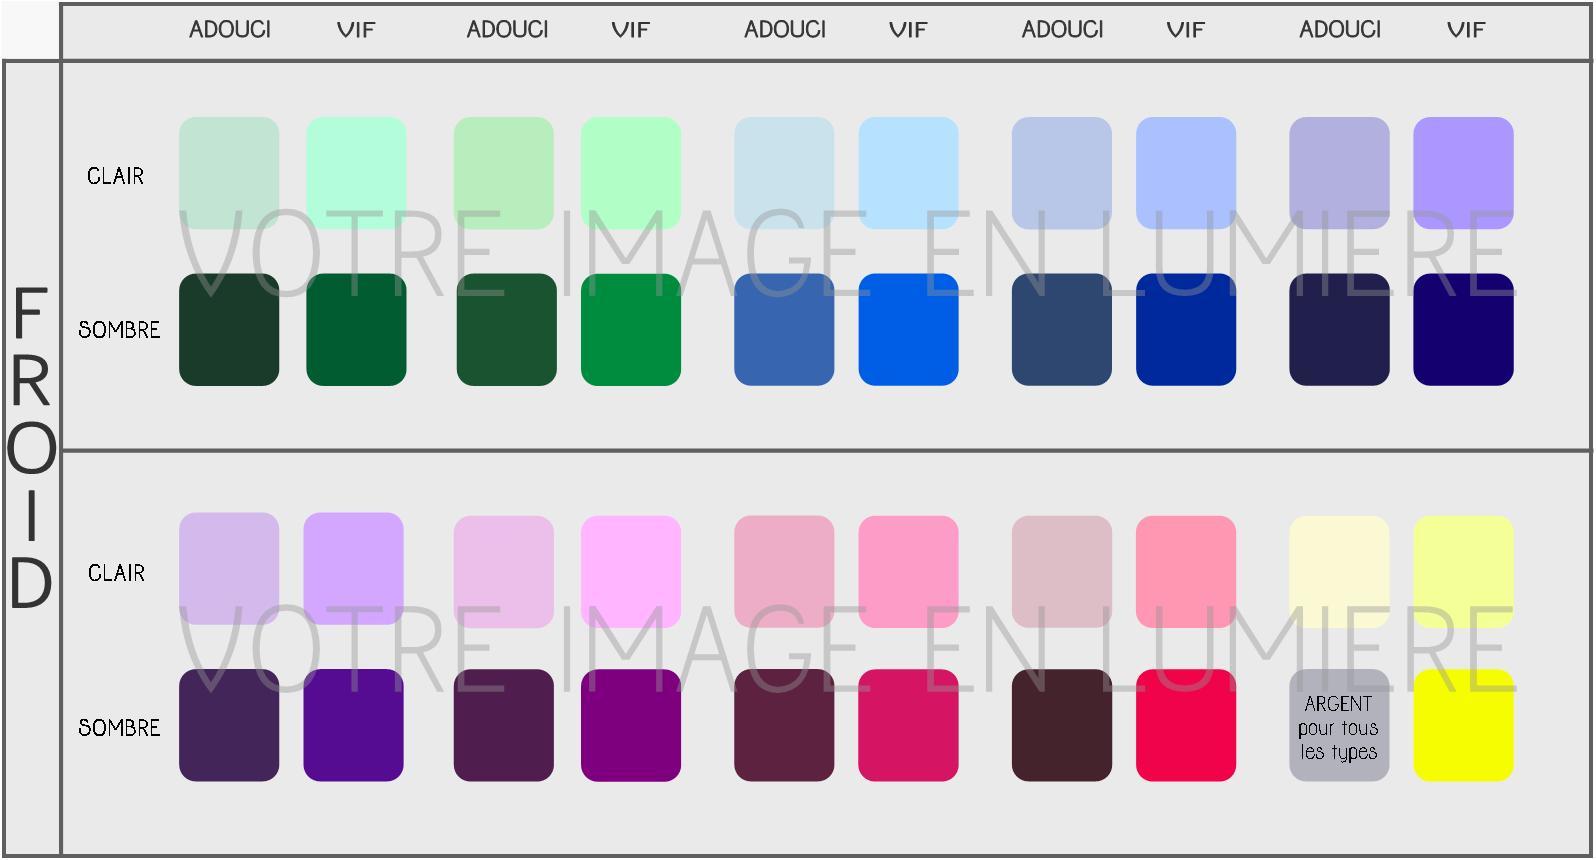 Comment choisir vos meilleures couleurs partie 2 test colorim trique - Couleur chaude et couleur froide ...